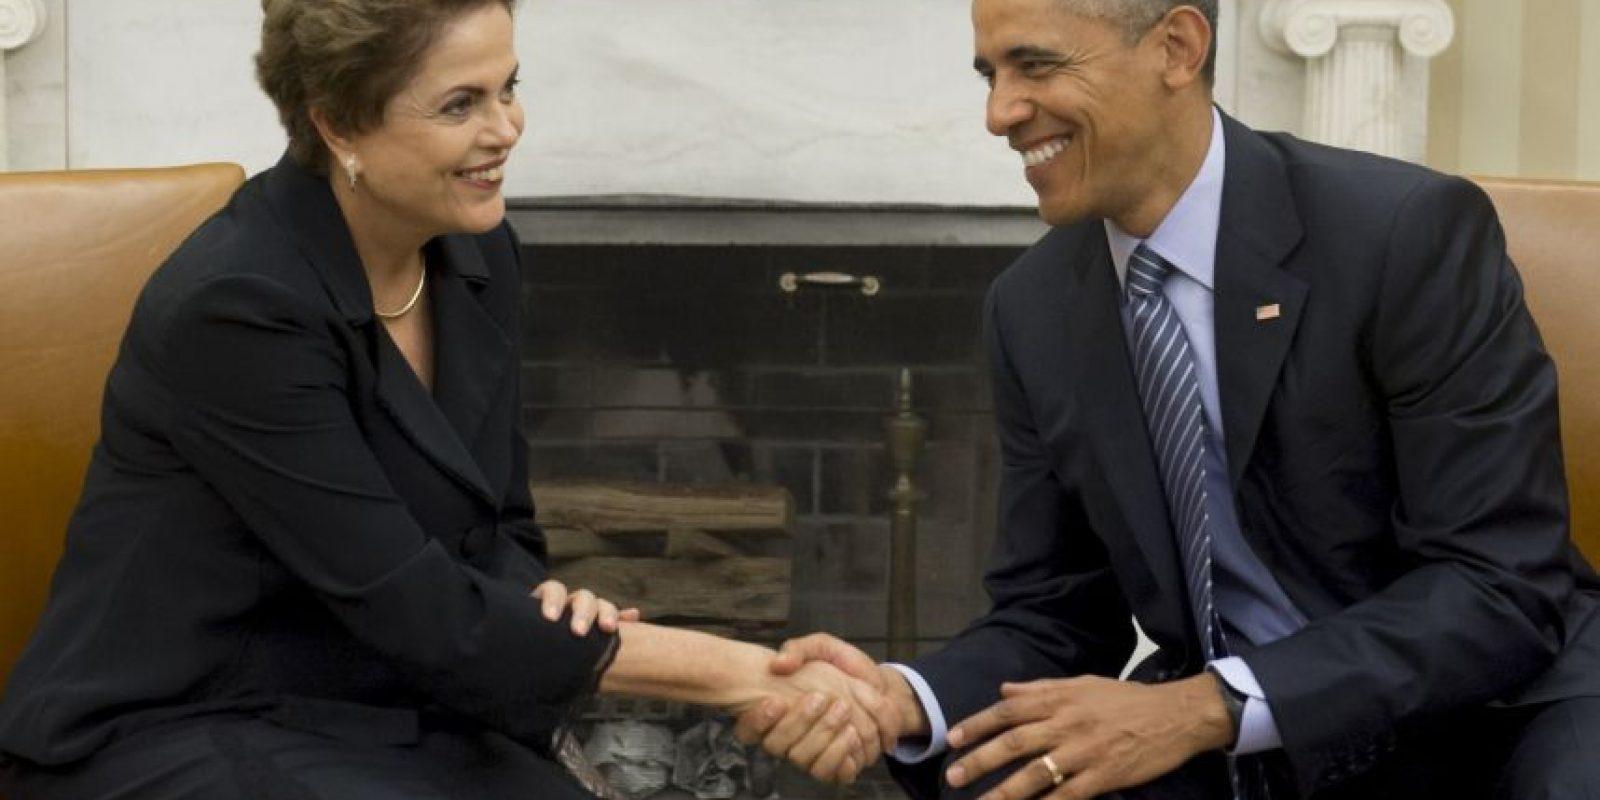 Este martes fue el segundo día de la visita realizada a Washington por la presidenta brasileña Dilma Rousseff. Foto:AFP